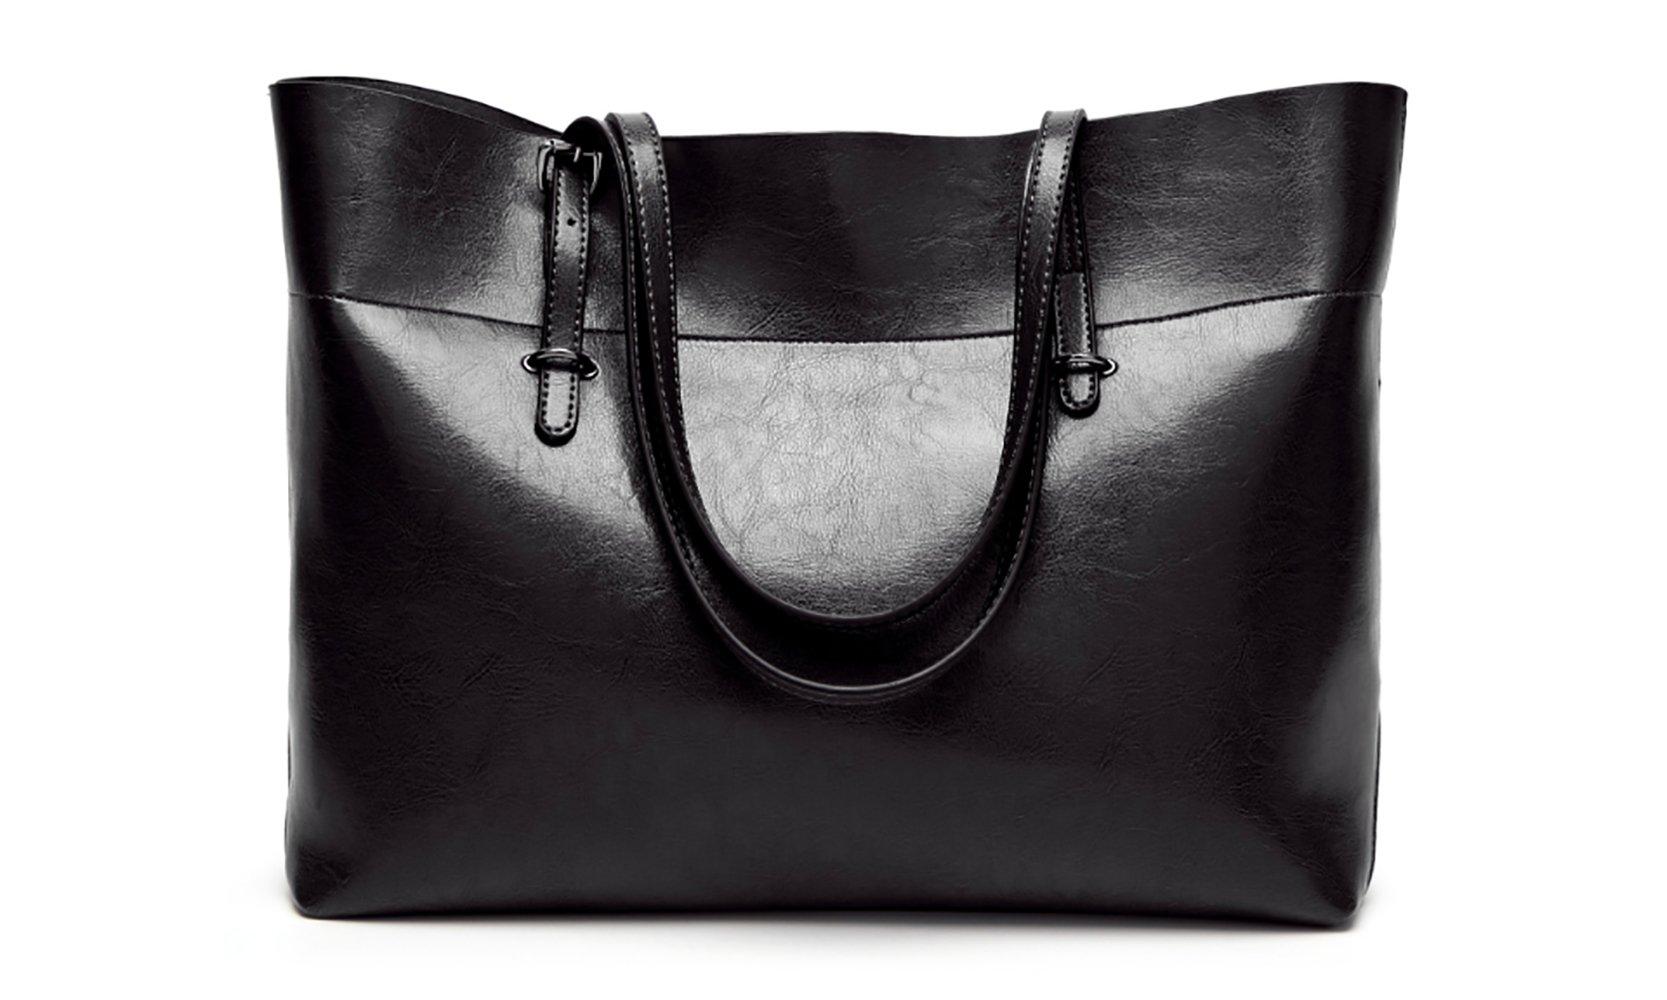 Women's Vintage Fine Fibre Genuine Leather Bag Tote Shoulder Bag Handbag Model Sie Black by CIR (Image #1)